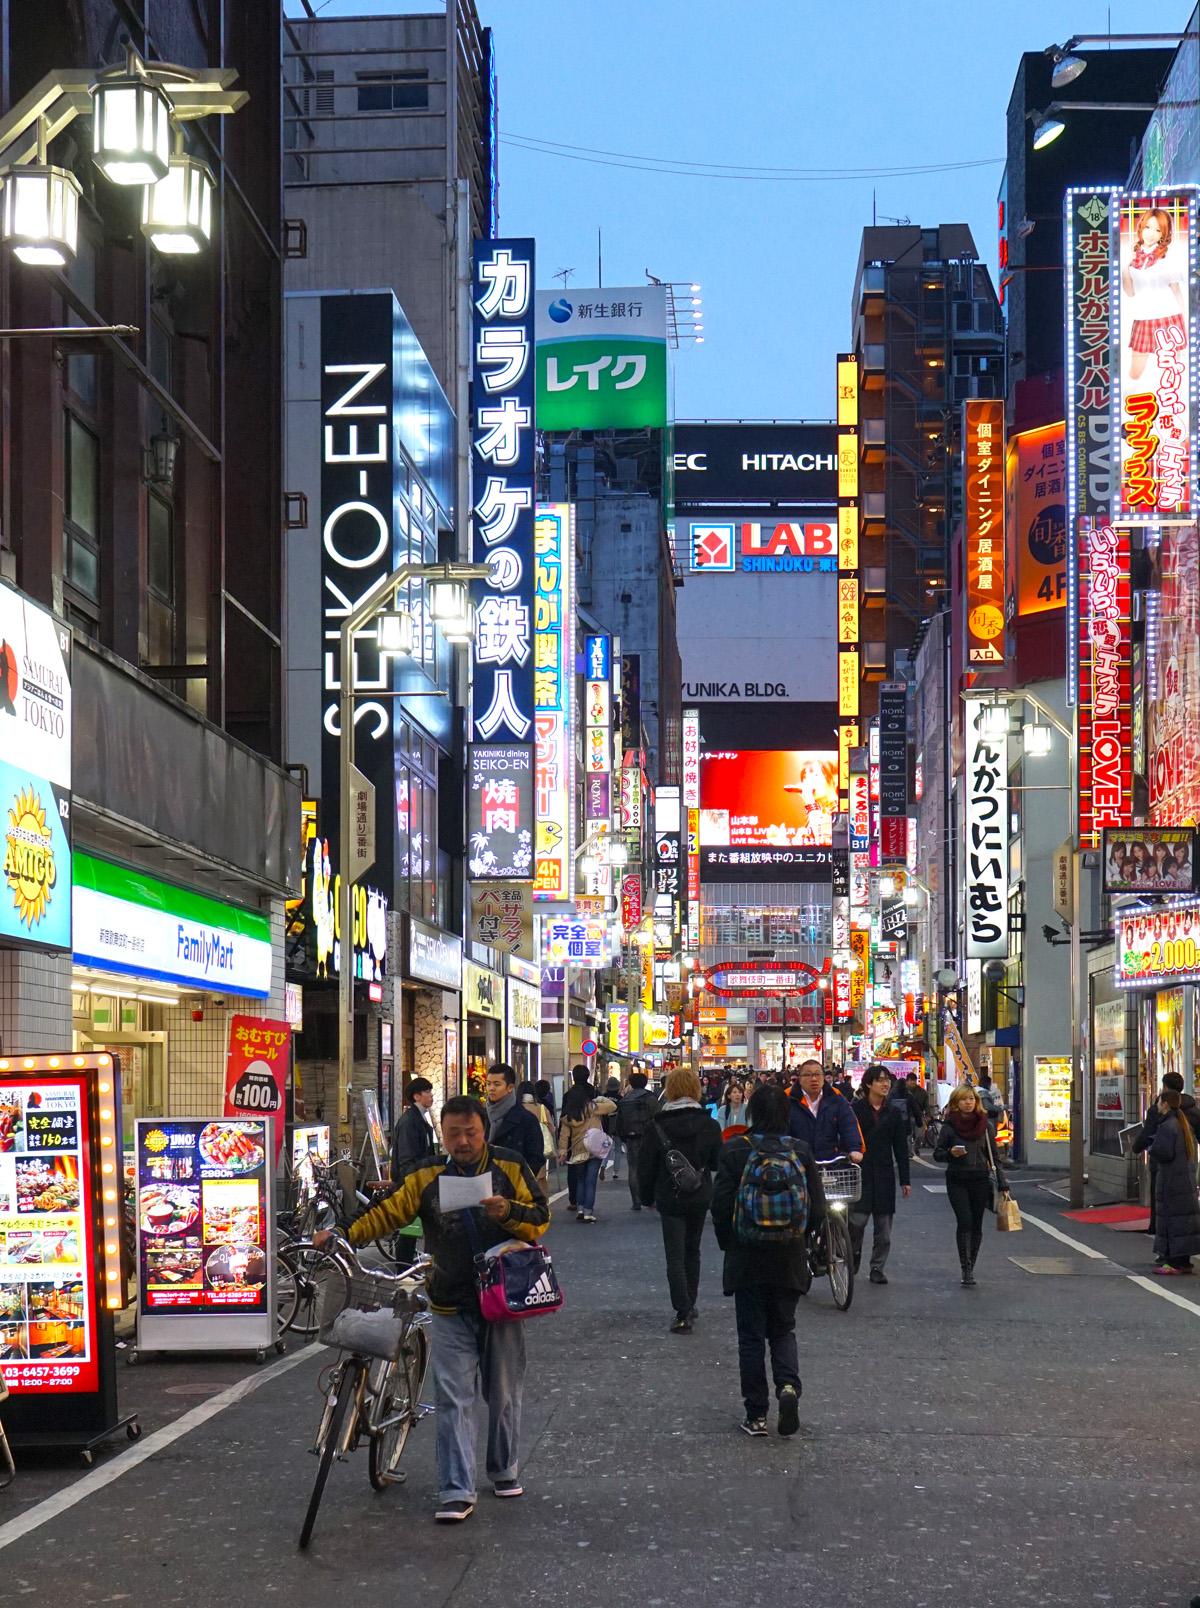 Einkaufmeiele in Tokyo